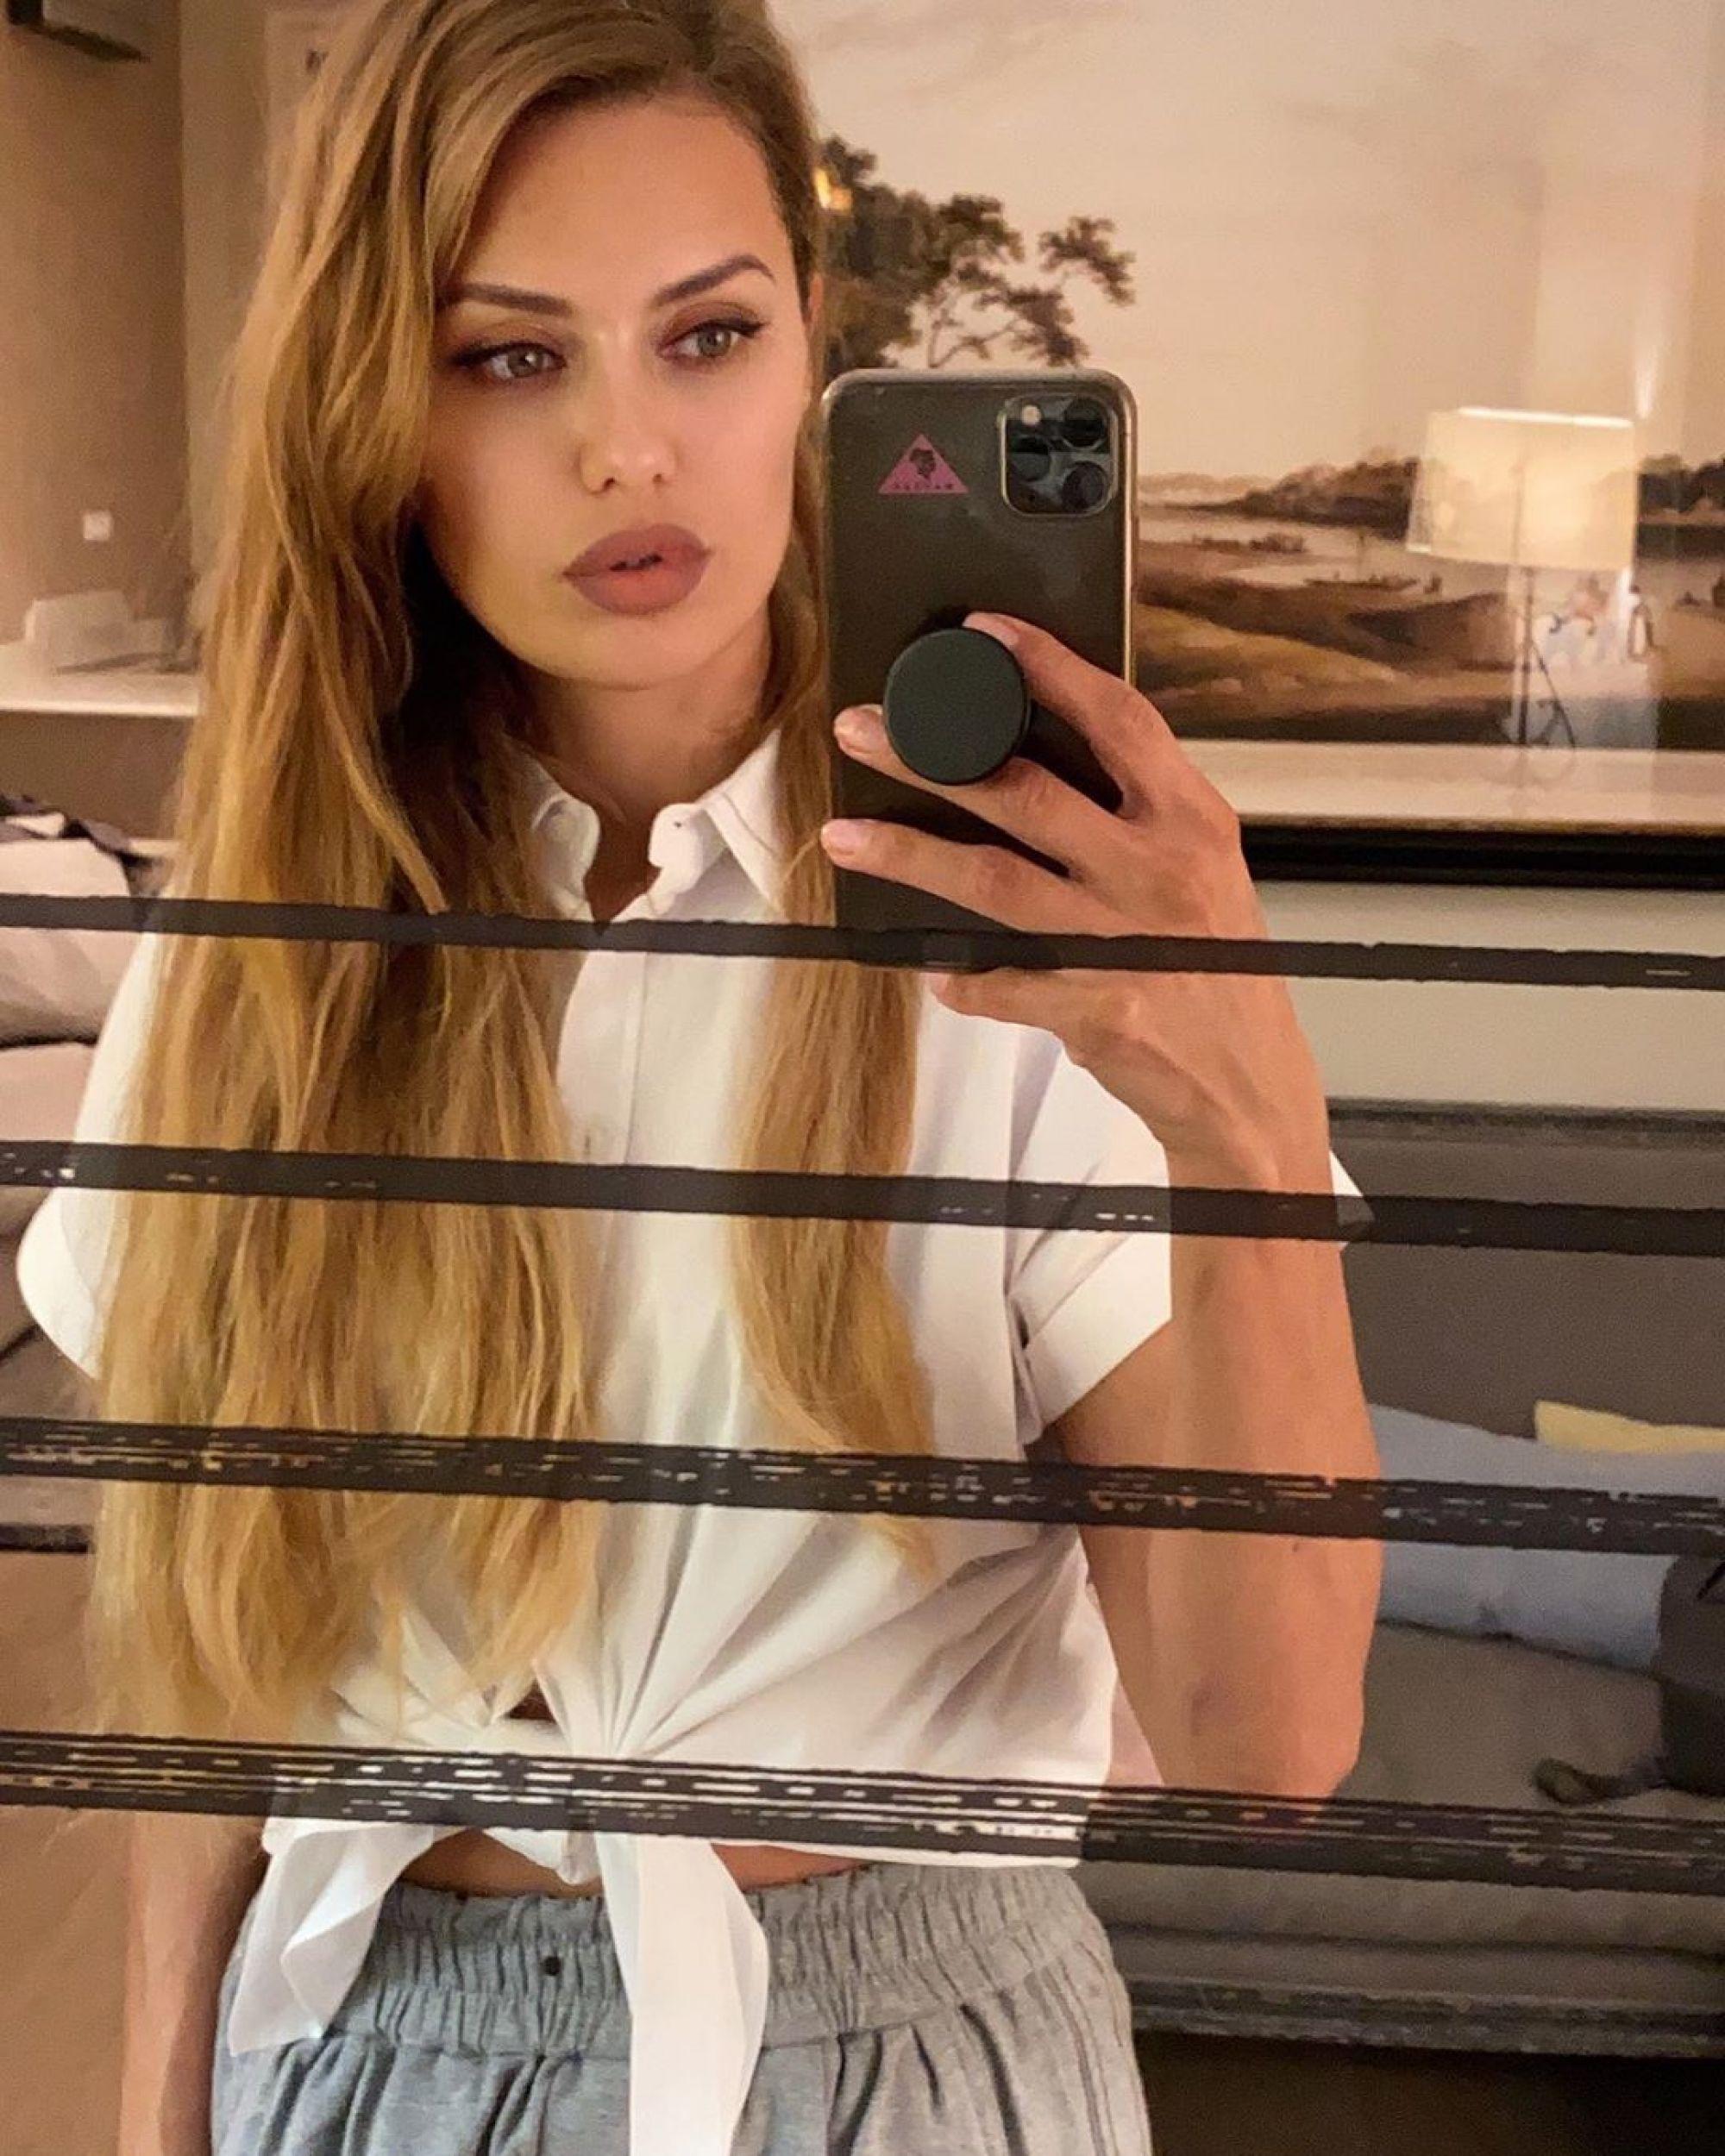 Виктория Боня записала видео против поправок в Конституцию за 10 тысяч евро